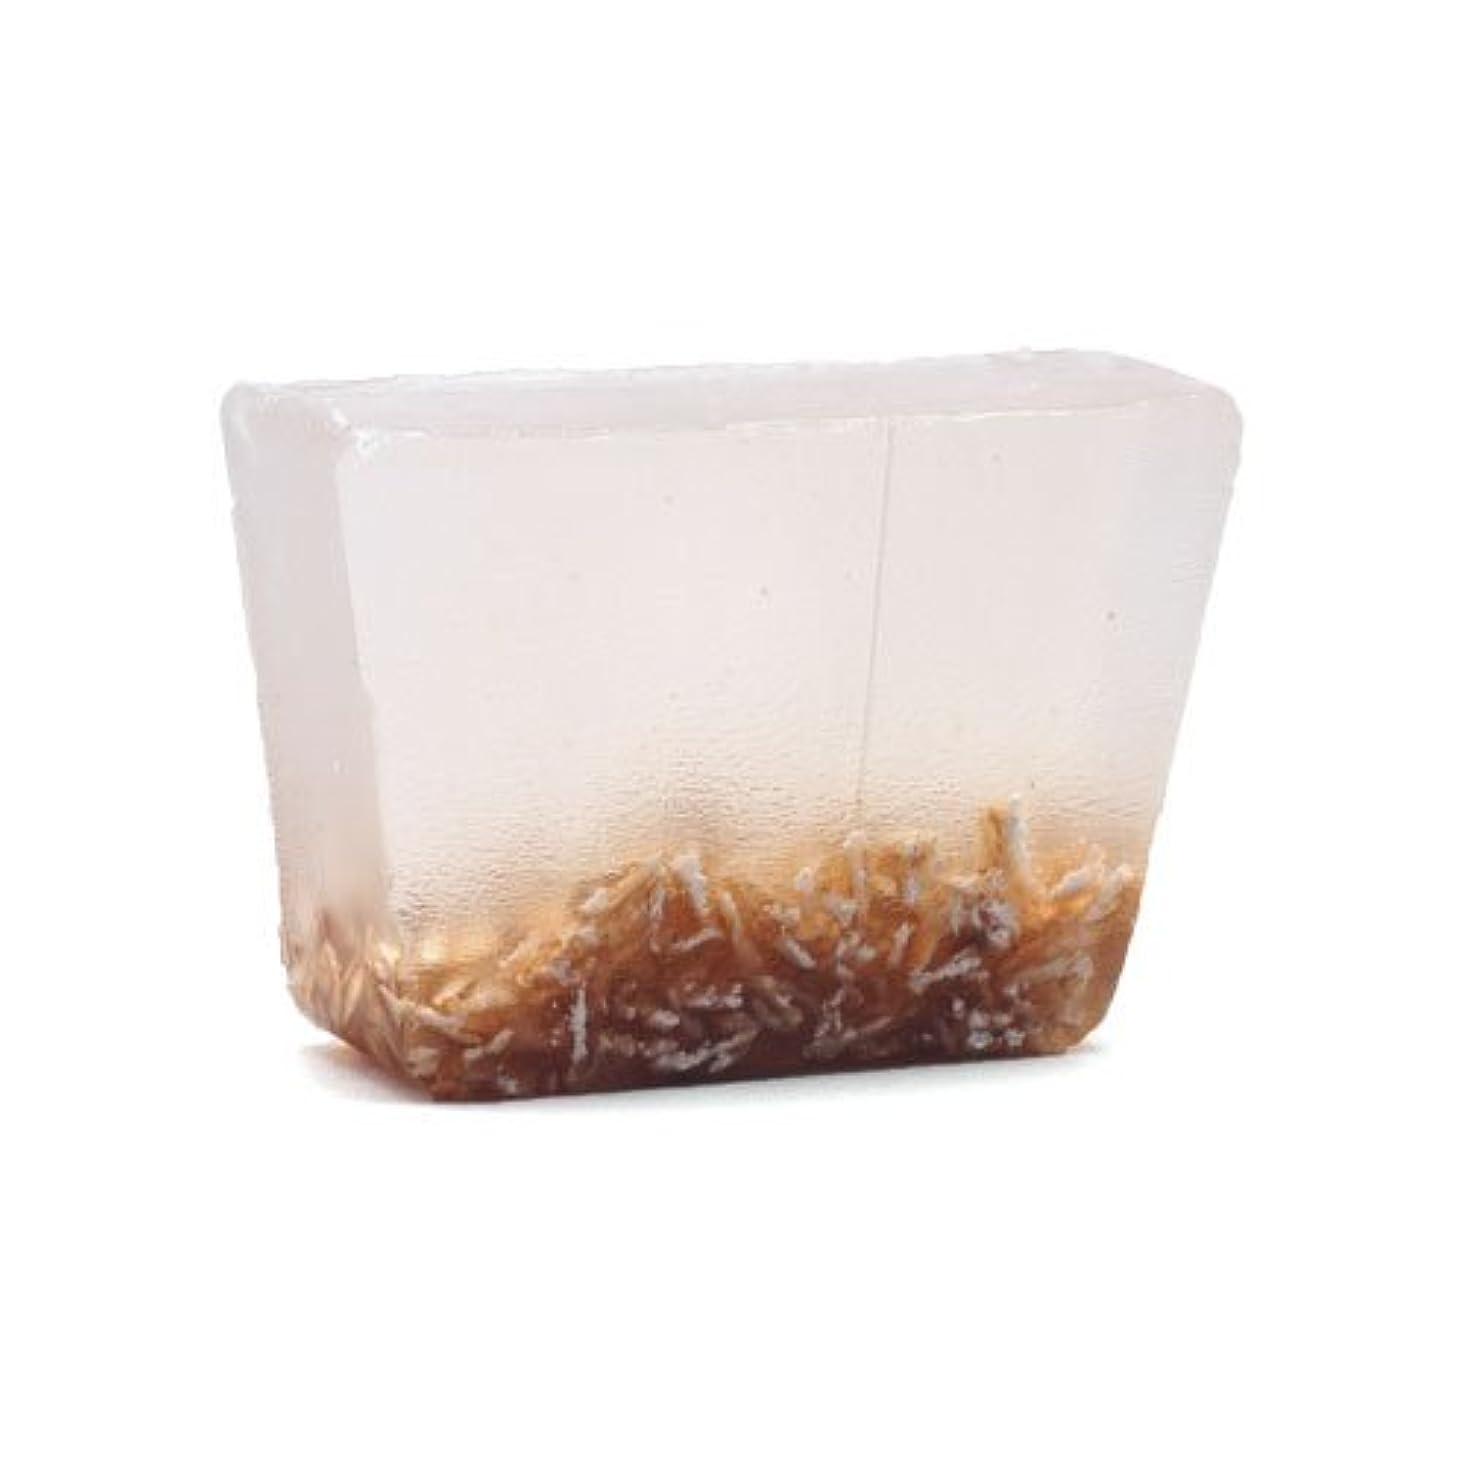 ウェイトレスピンパールプライモールエレメンツ アロマティック ミニソープ ラベンダーオートミール 80g 植物性 ナチュラル 石鹸 無添加